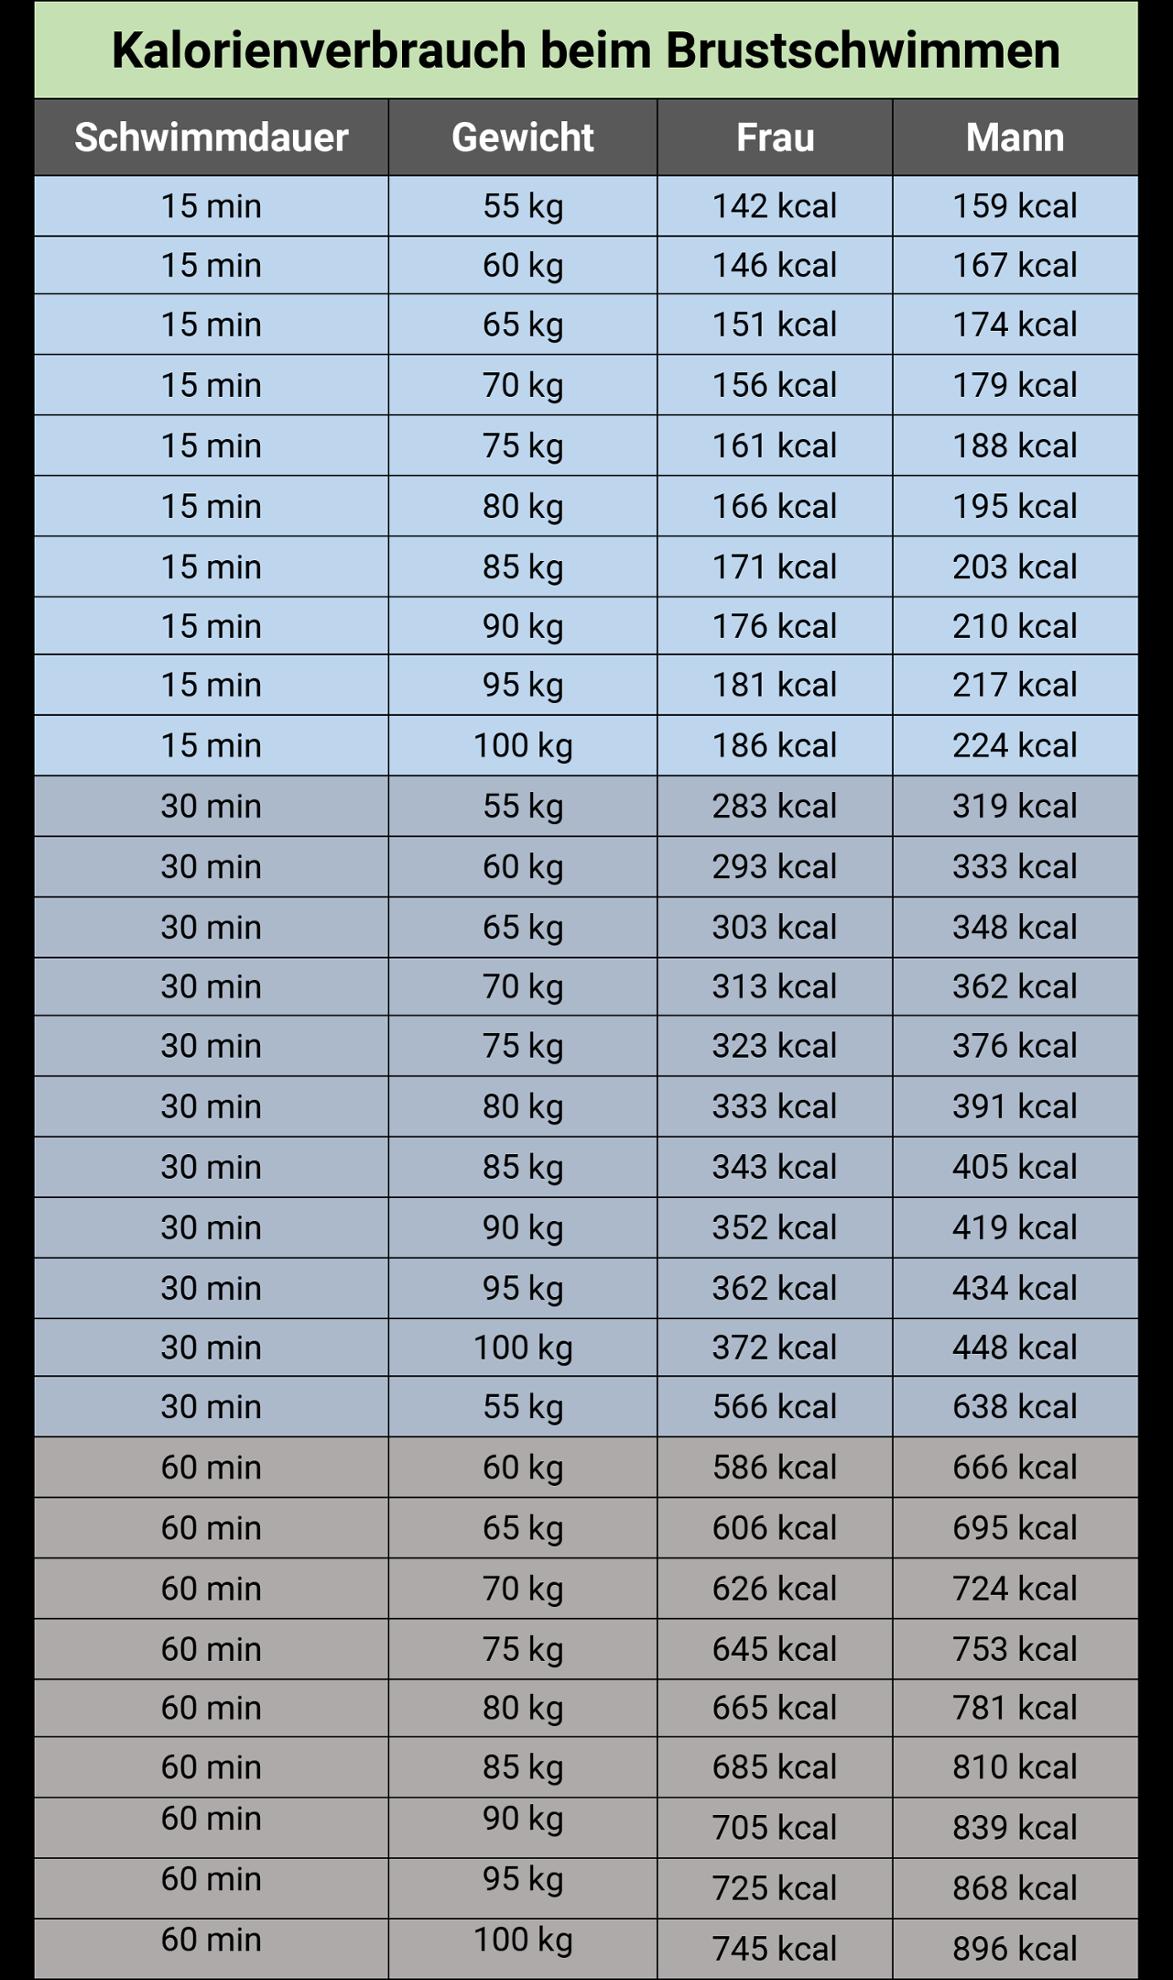 Kalorienverbrauch beim Schwimmen (Tabelle m/w)